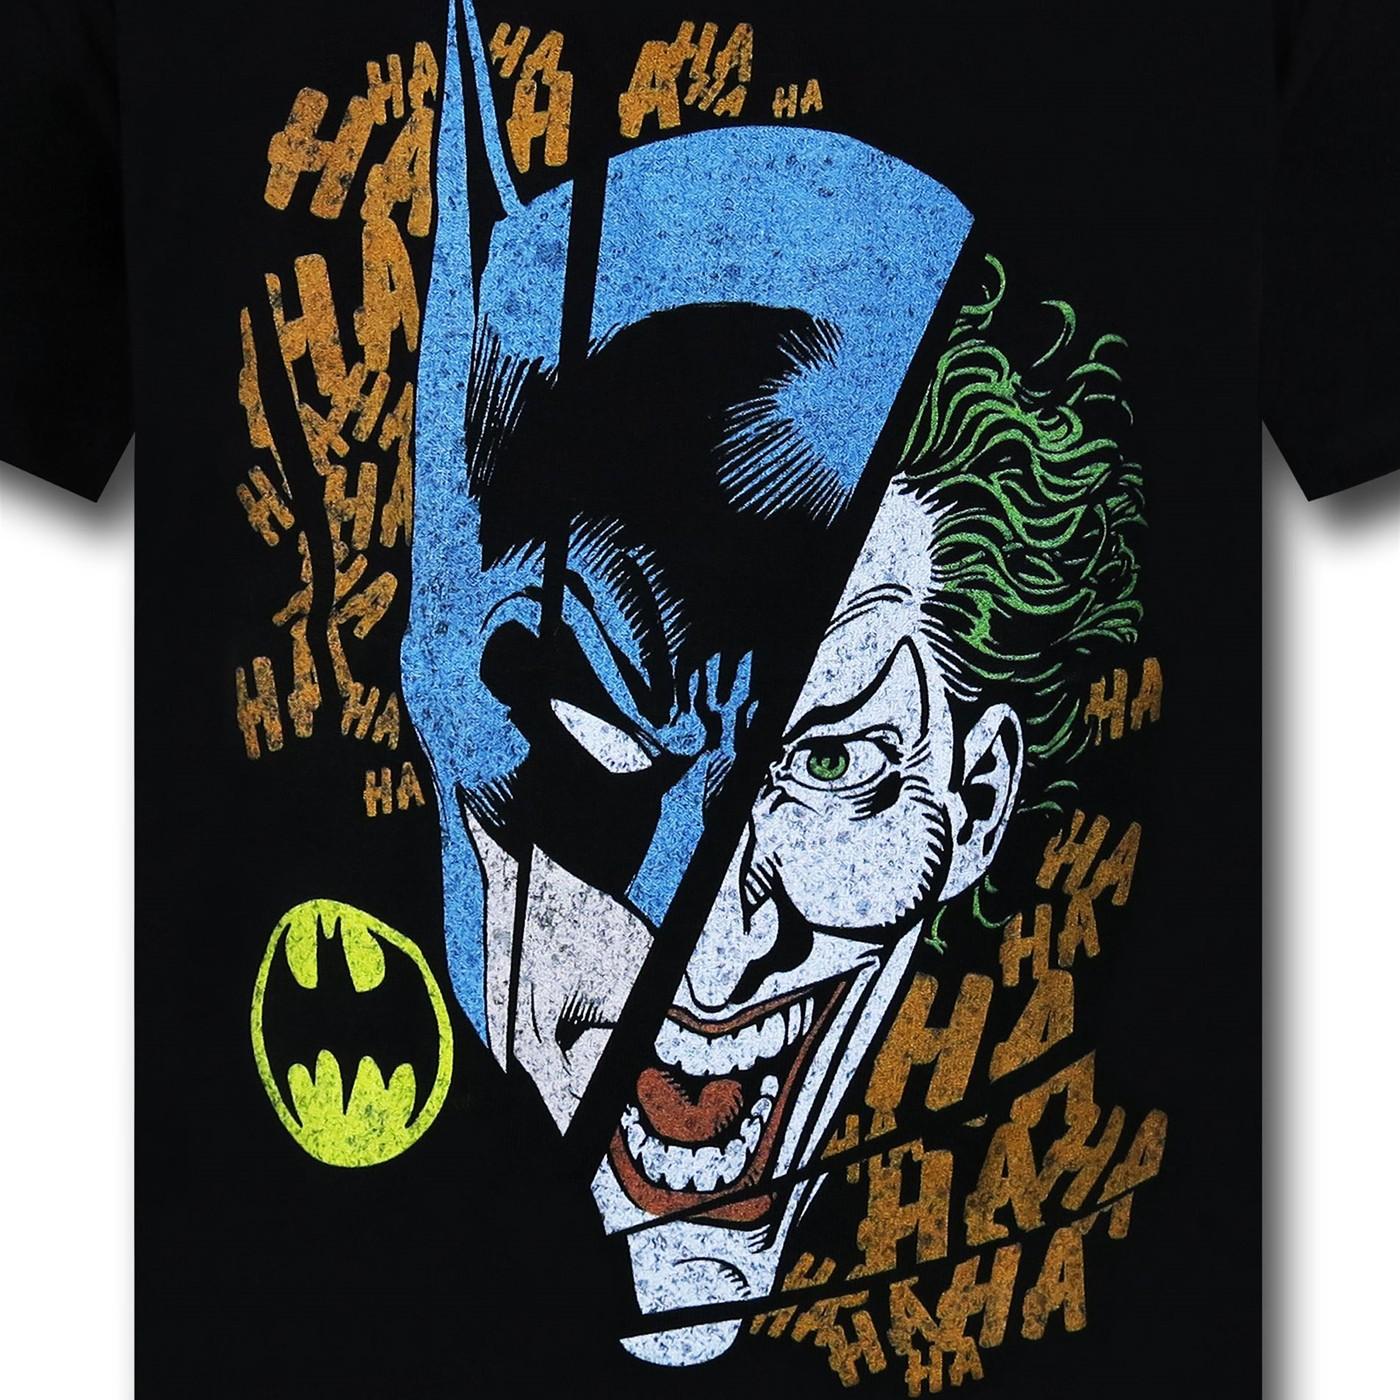 Batman Juvenile Joker Broken Visage T-Shirt